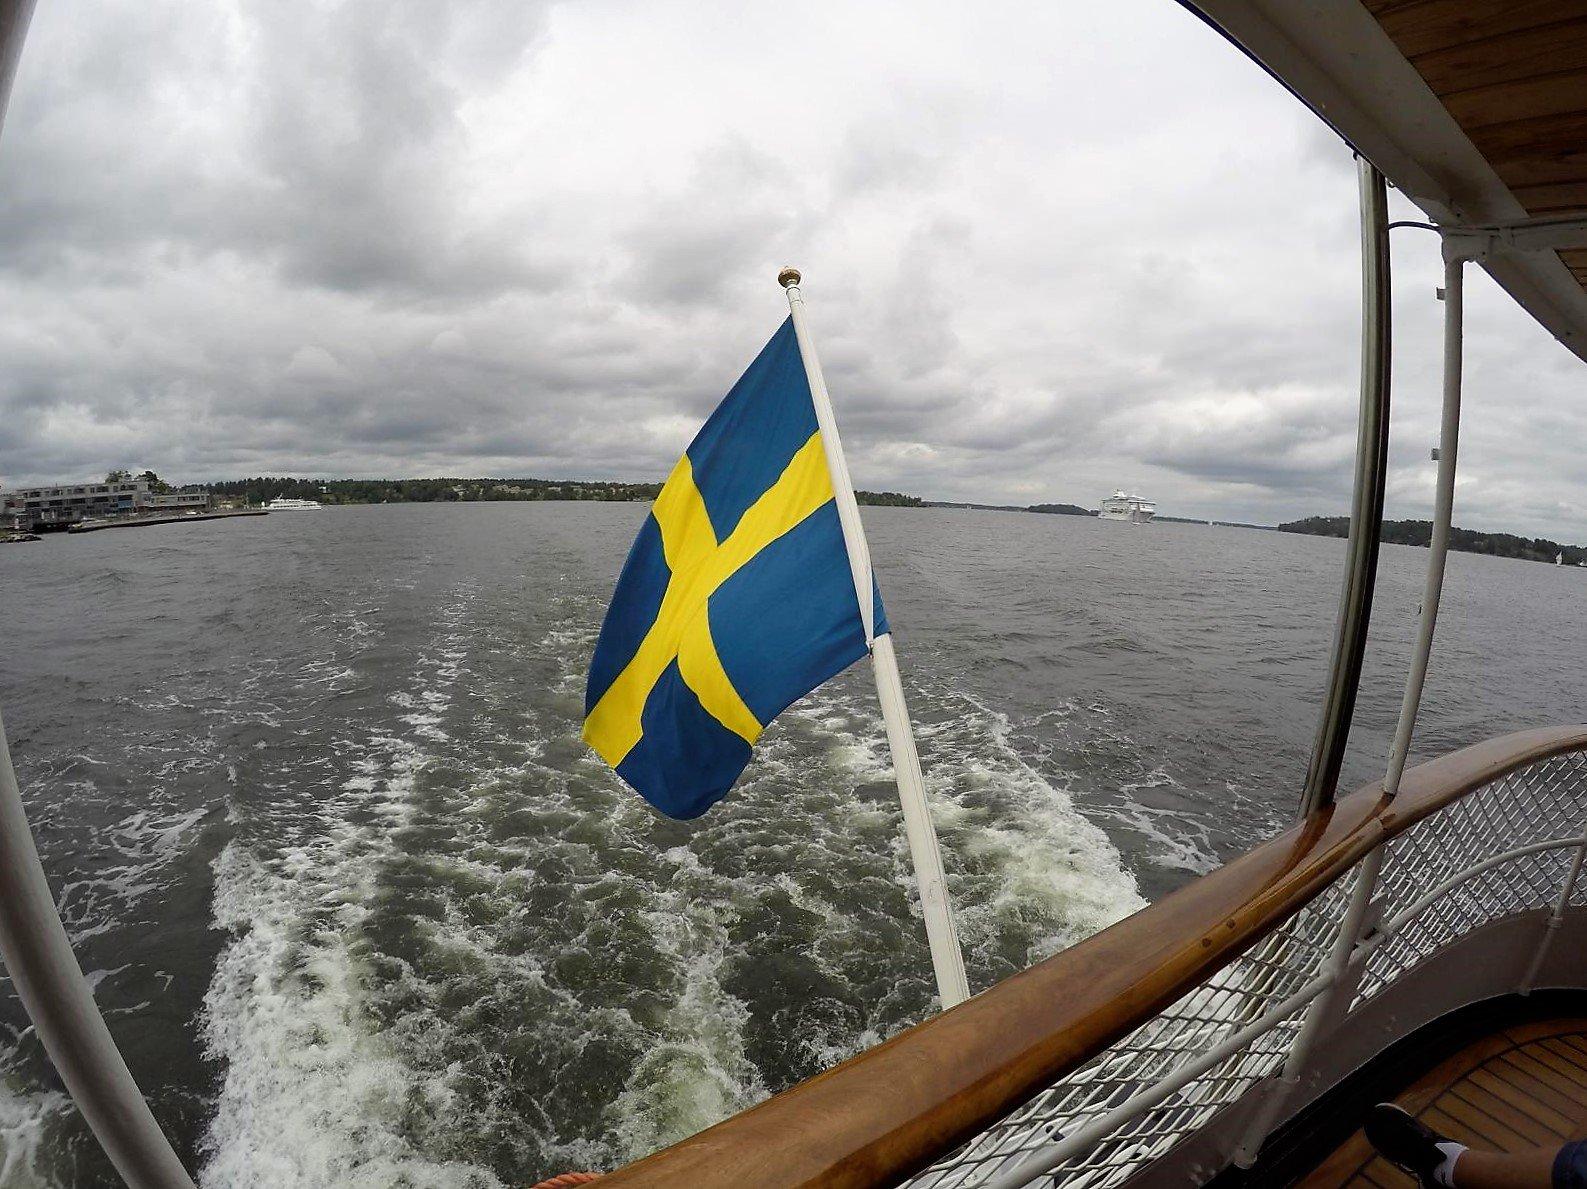 Angeln Segeln Stockholm Archipel Tipps Erfahrung